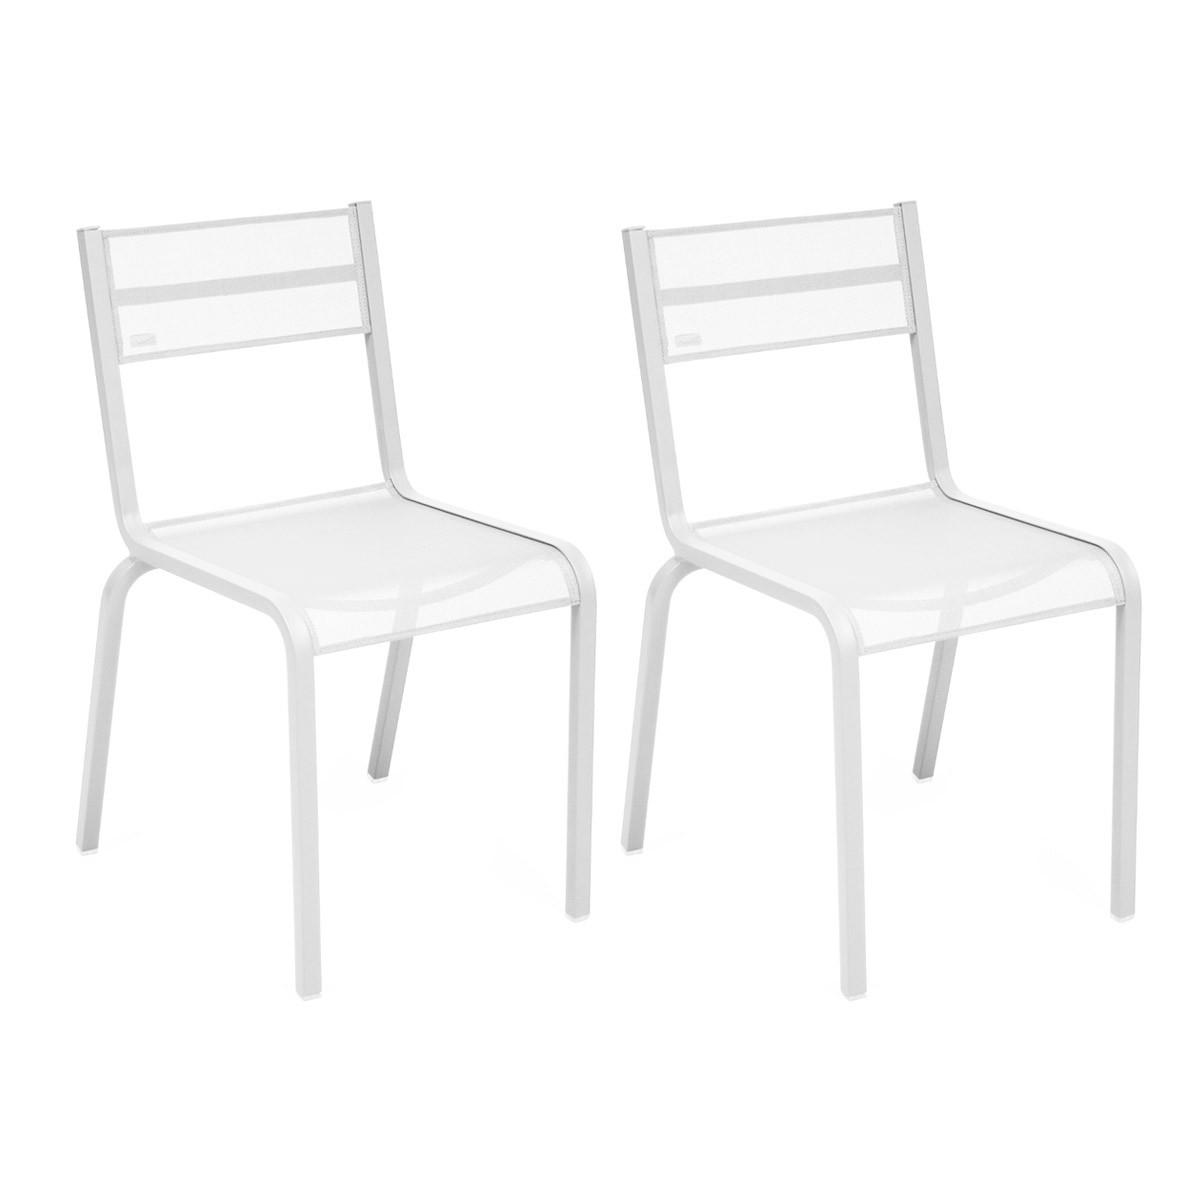 2 Chaises oléron blanc